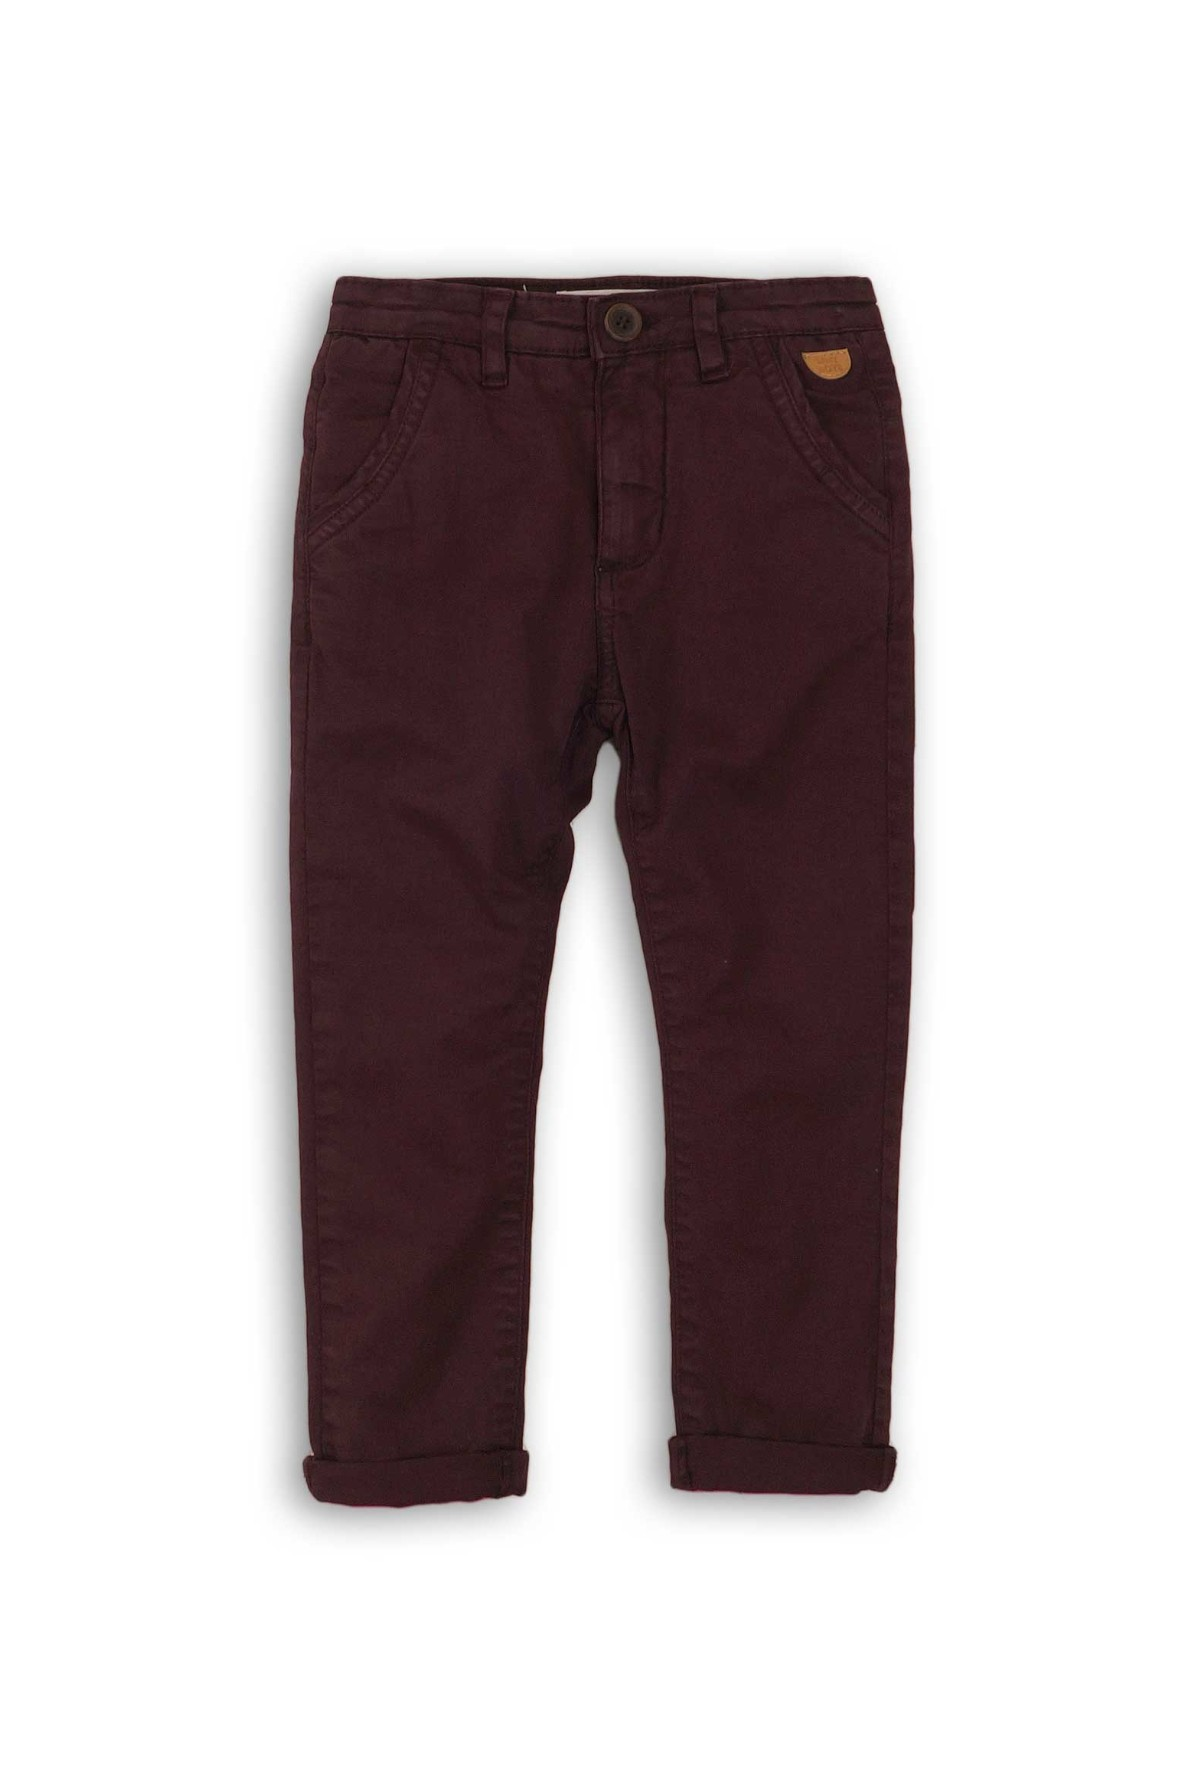 Bordowe spodnie chłopięce -chinosy rozm 92/98